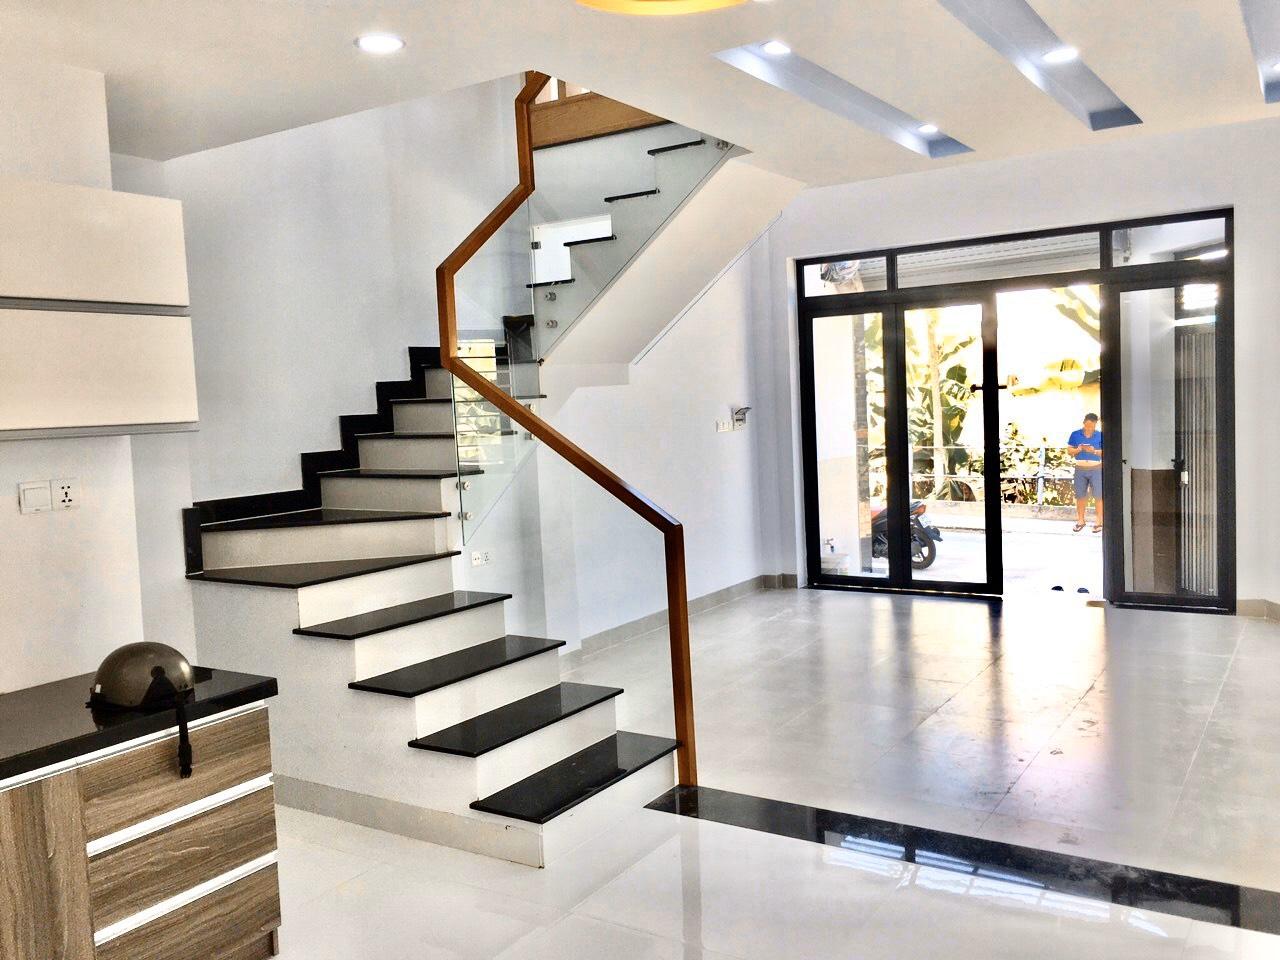 Nhà đẹp 2 tầng, 5,2x11m, chỗ đậu ôtô đường Cao Thắng, Quận 3. Giá 8 tỷ 700.